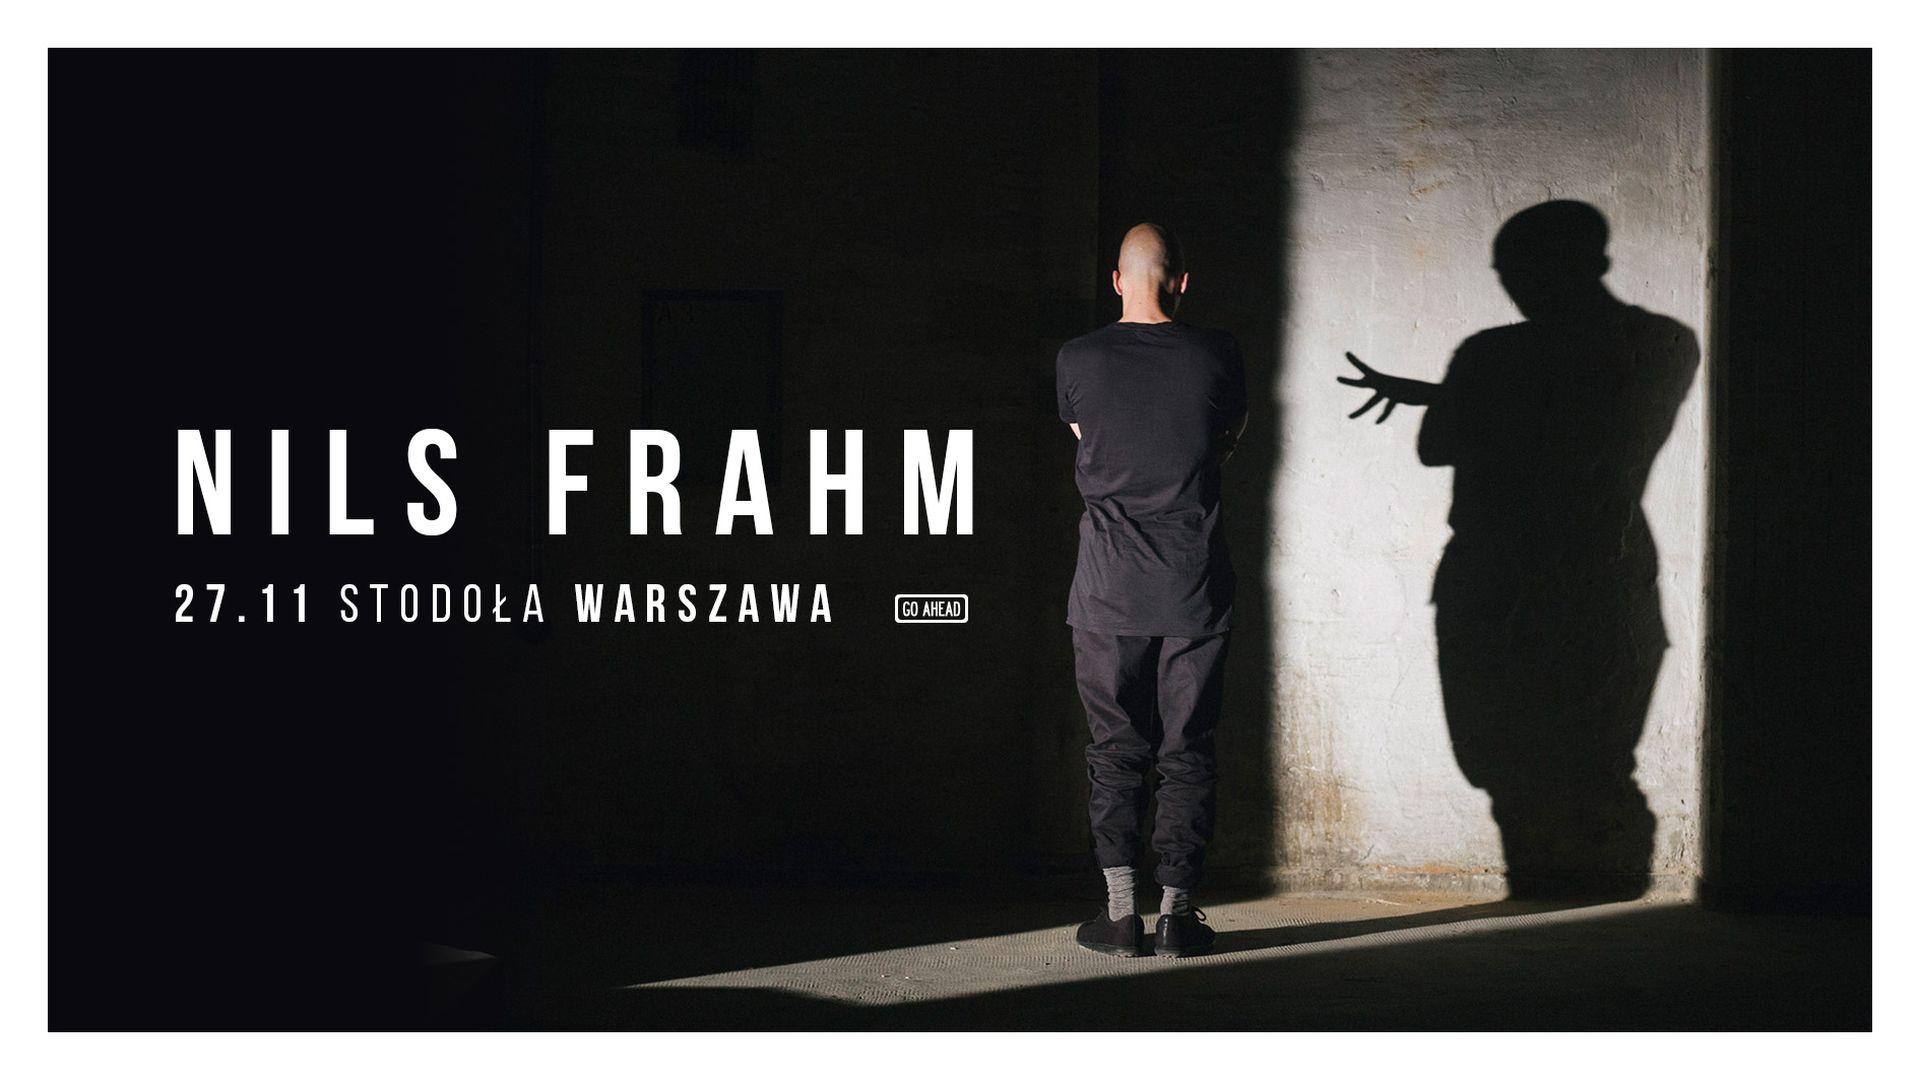 Bilety kolekcjonerskie - Nils Frahm